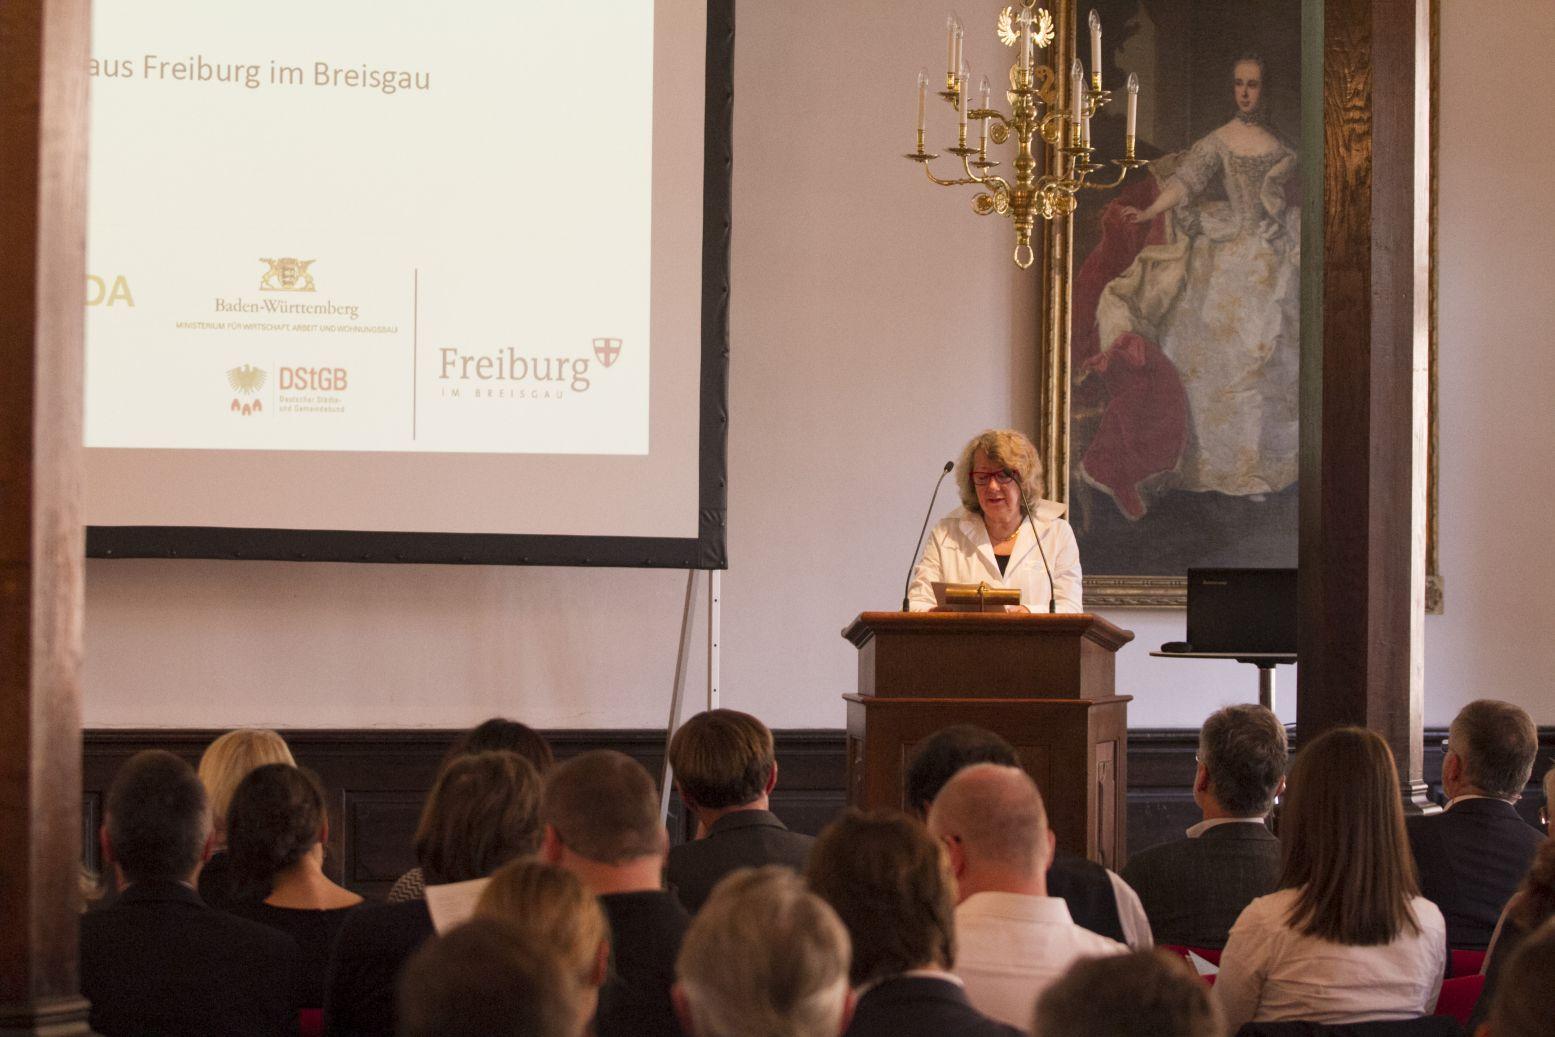 Die Leiterin der Abteilung Baurecht, Städtebau, Landesplanung im Ministerium für Wirtschaft, Arbeit und Wohnungsbau, Frau Kristin Keßler; Foto: A. J. Schmidt